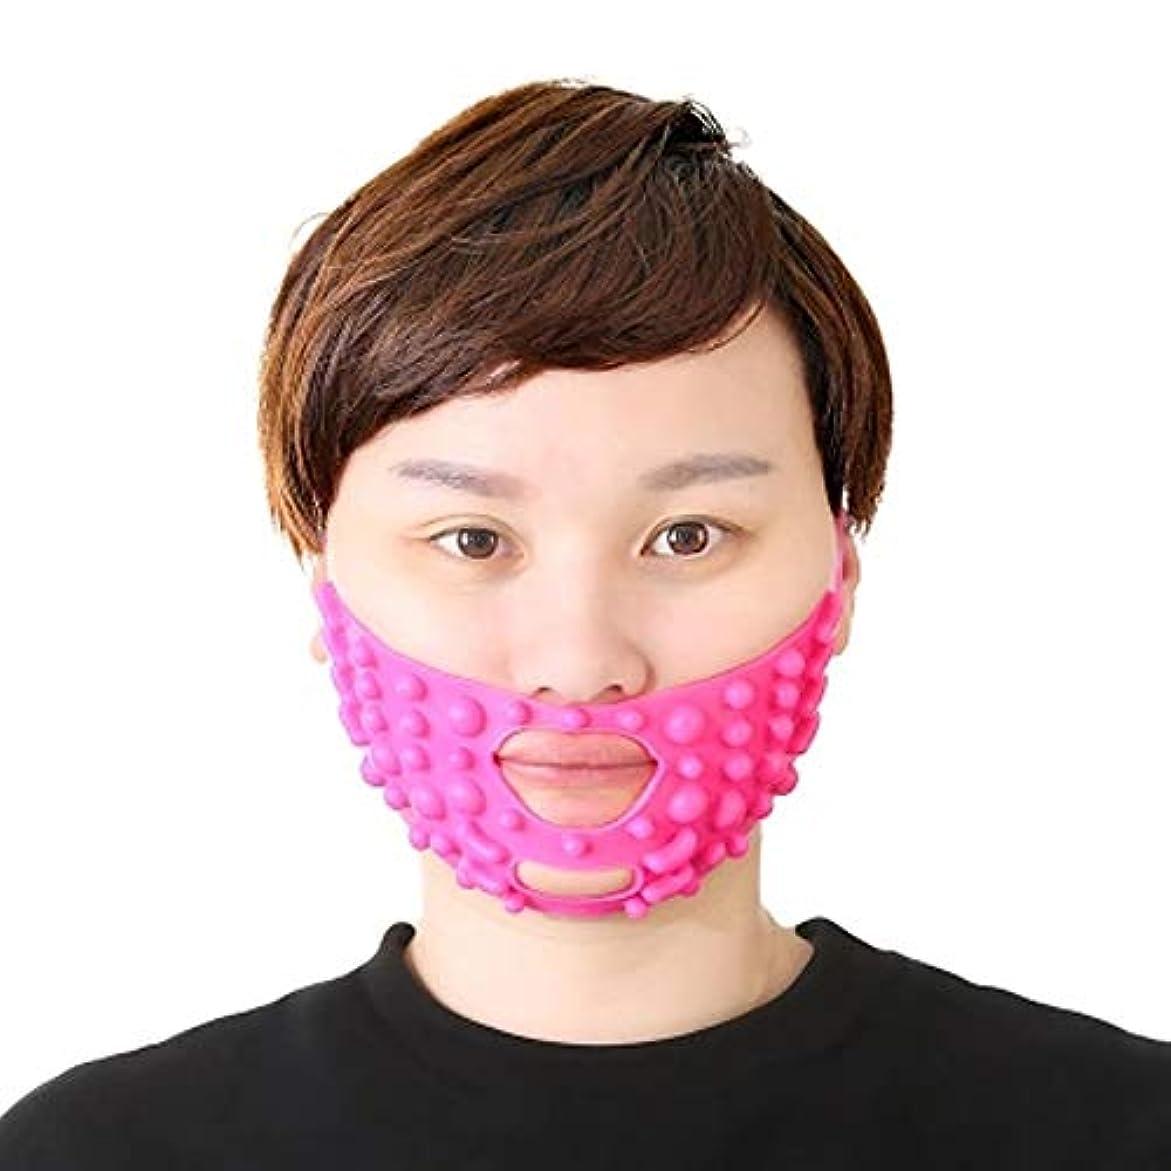 クスコケニア引き受けるダブルの顎のストラップ、顔のマッサージの包帯を持ち上げて持ち上げて小さなVフェイスのマスク薄い顔の人工物